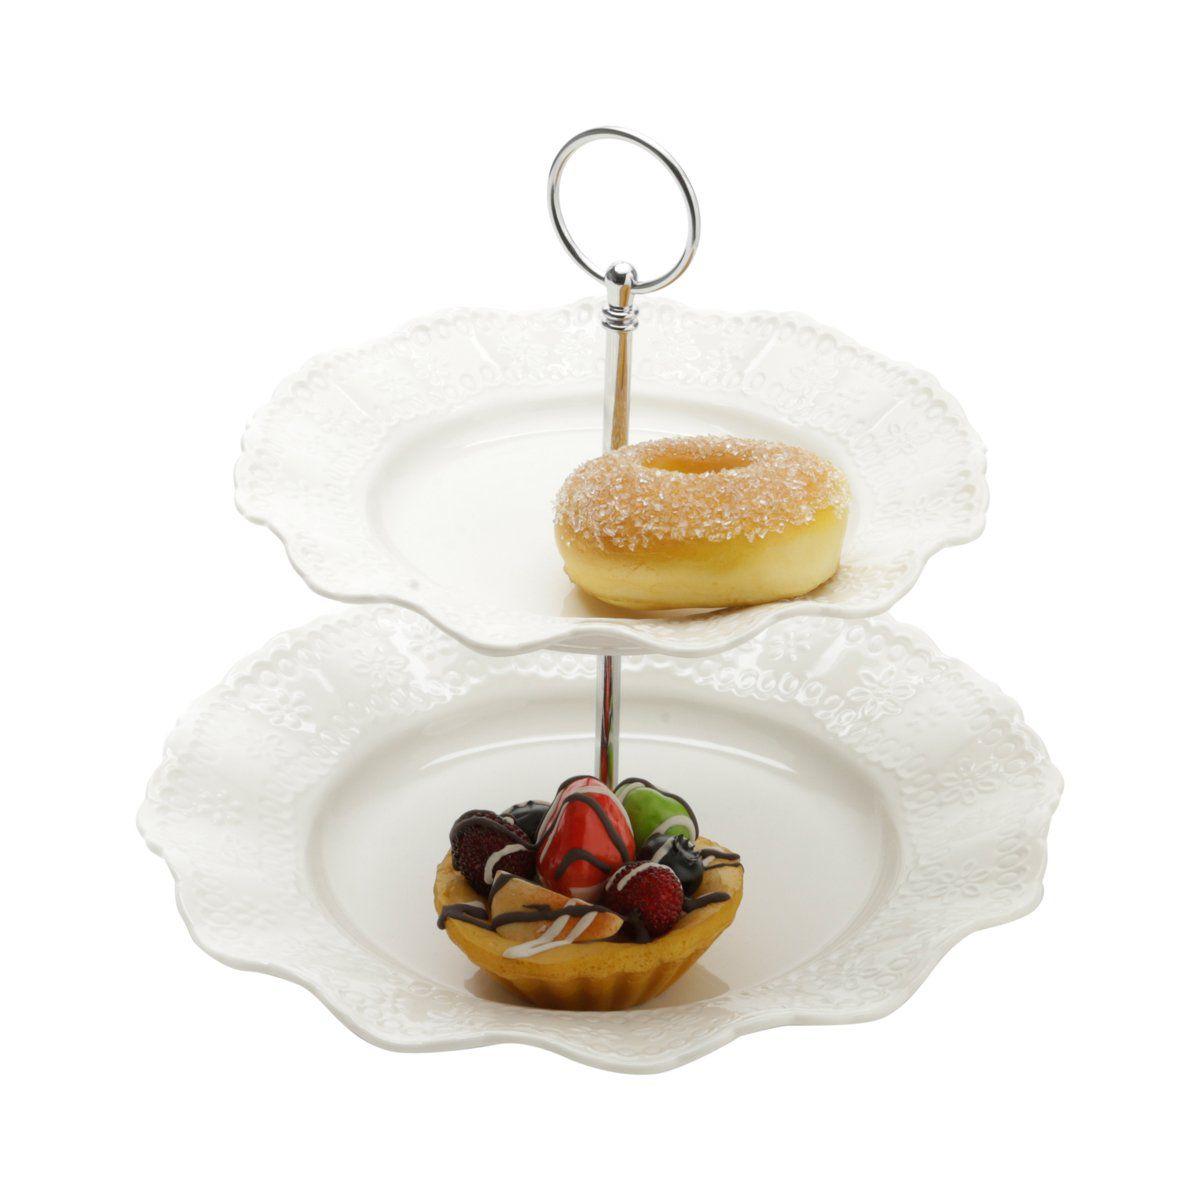 Prato duplo 23,5 cm para doces de porcelana branca com suporte de metal Princess Lyor - L8238